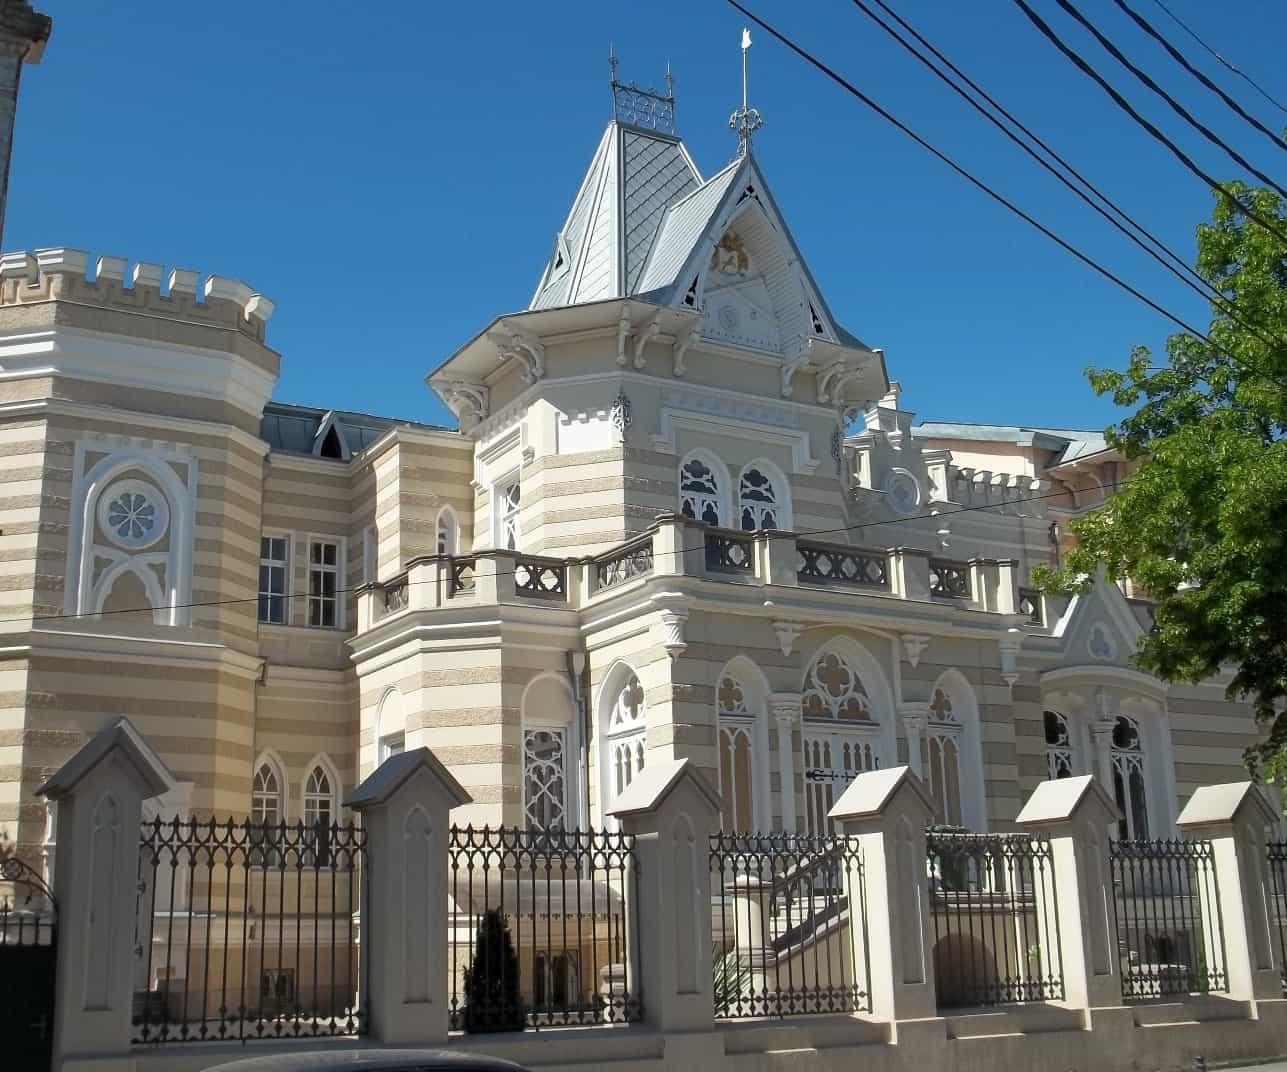 متحف الدولة للمسرح والموسيقى والسينما في تبليسي